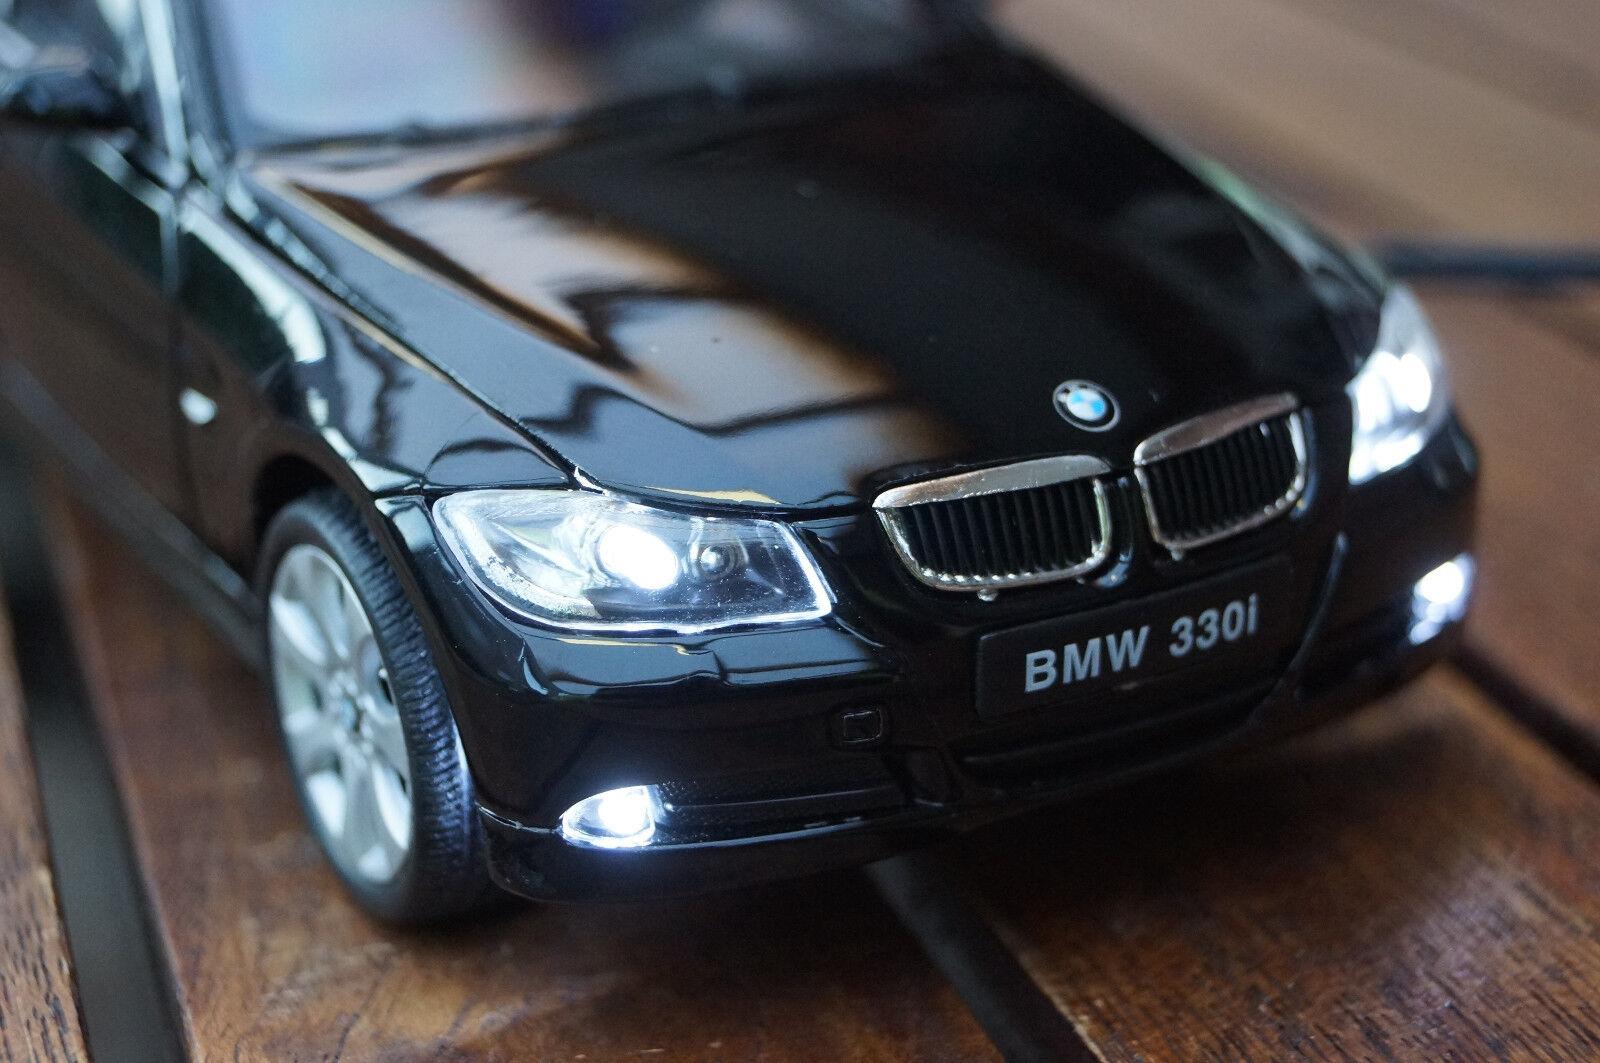 BMW 330i 3-ER E90 MIT XENON(BELEUCHTUNG)WELLY SCHWARZ IN 1 24